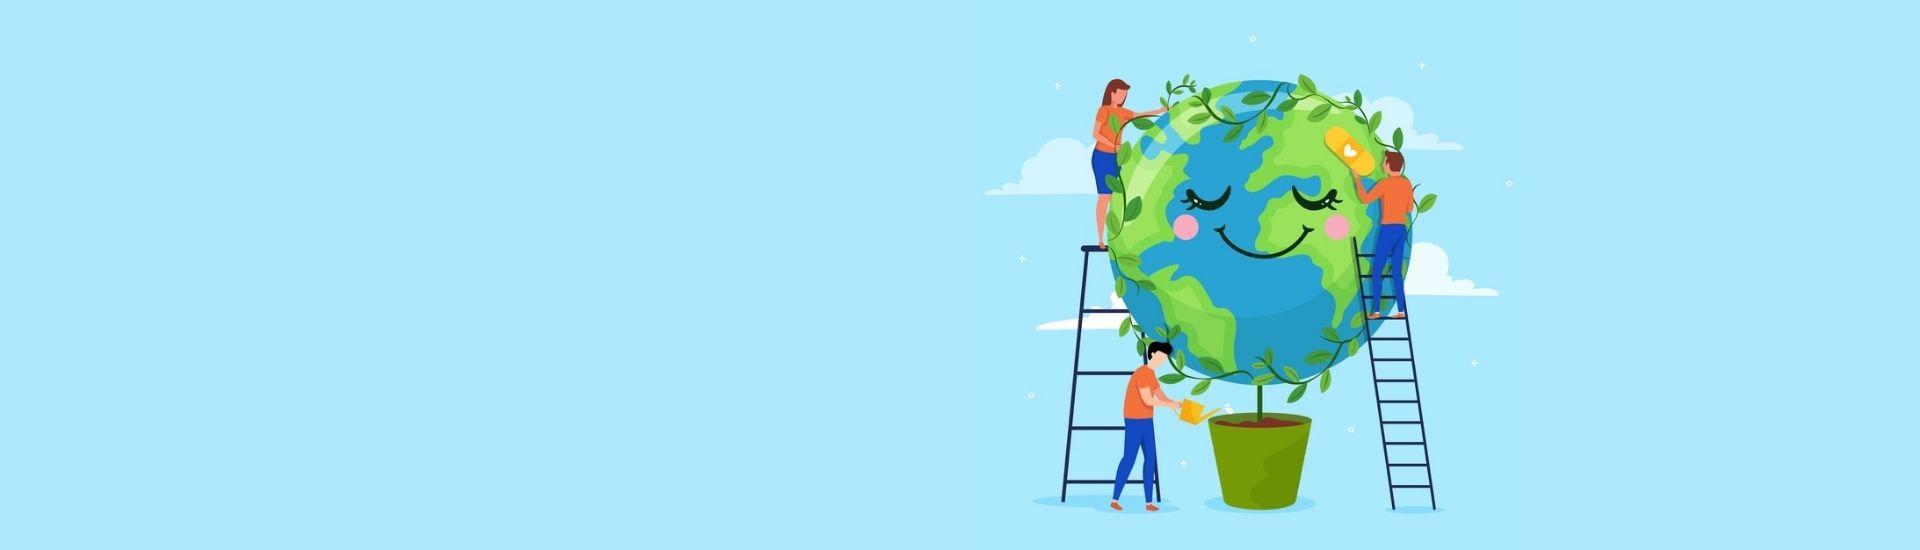 Un planeta siendo ayudado gracias a la relación positiva entre medioambiente y tecnología